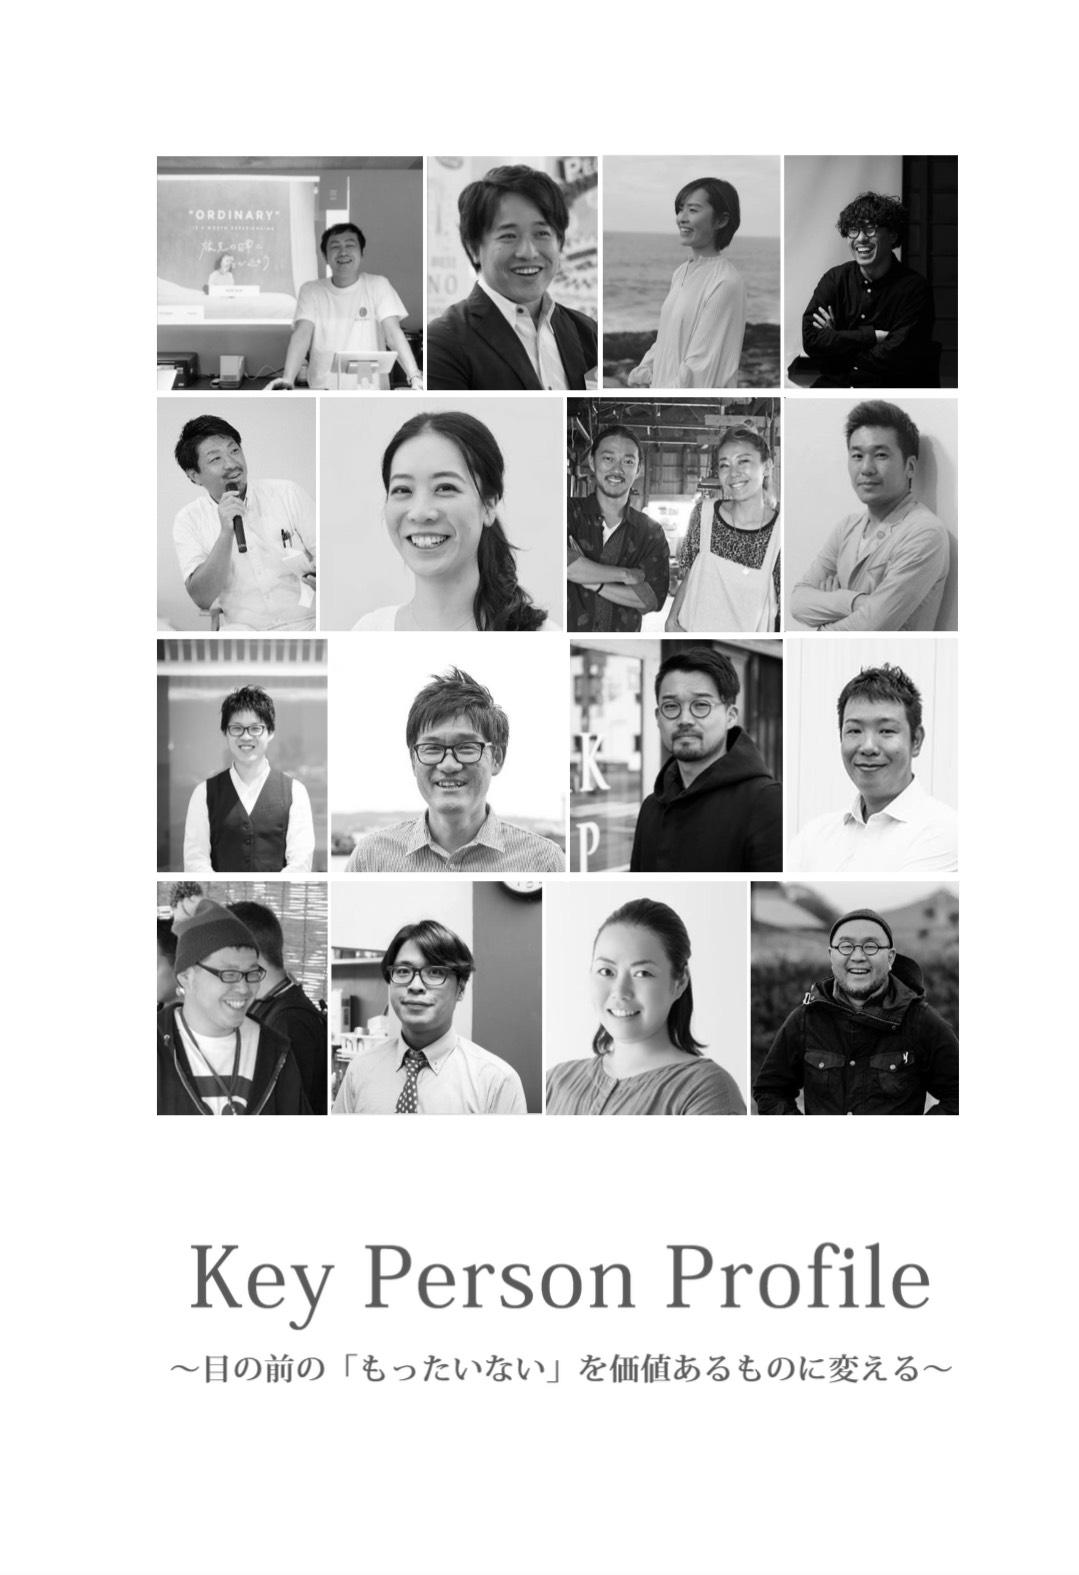 近畿経済産業局 ファシリテートした取り組み冊子がリリースされました